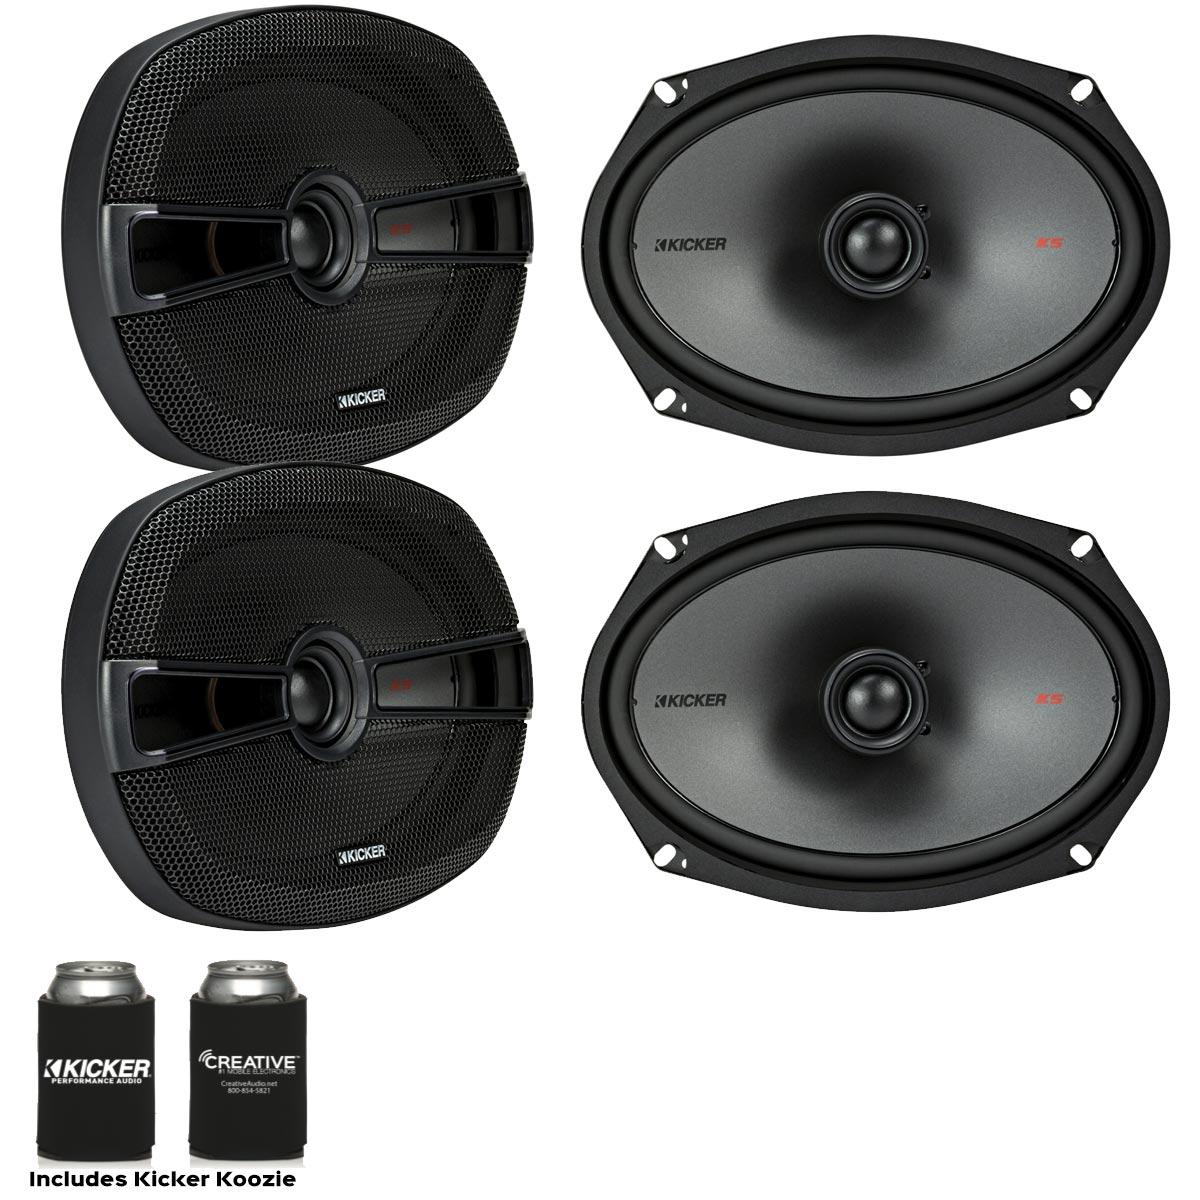 Kicker Speaker Bundle - Two pairs of Kicker 6x9 Inch 2-way KS-Series Speakers 44KSC6904